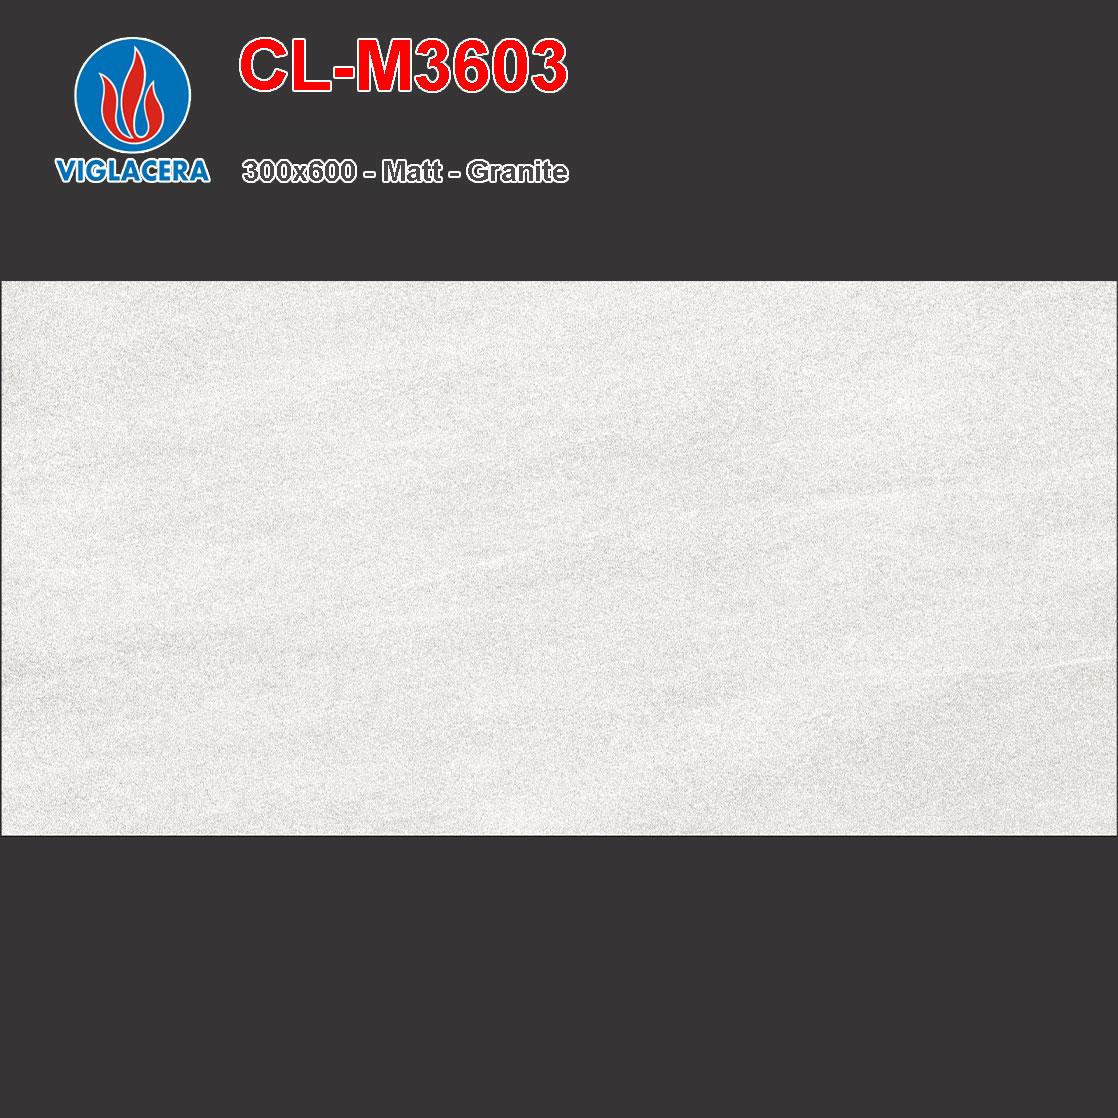 Gạch300x600 Viglacera Cửu Long CL-M3603 giá rẻ